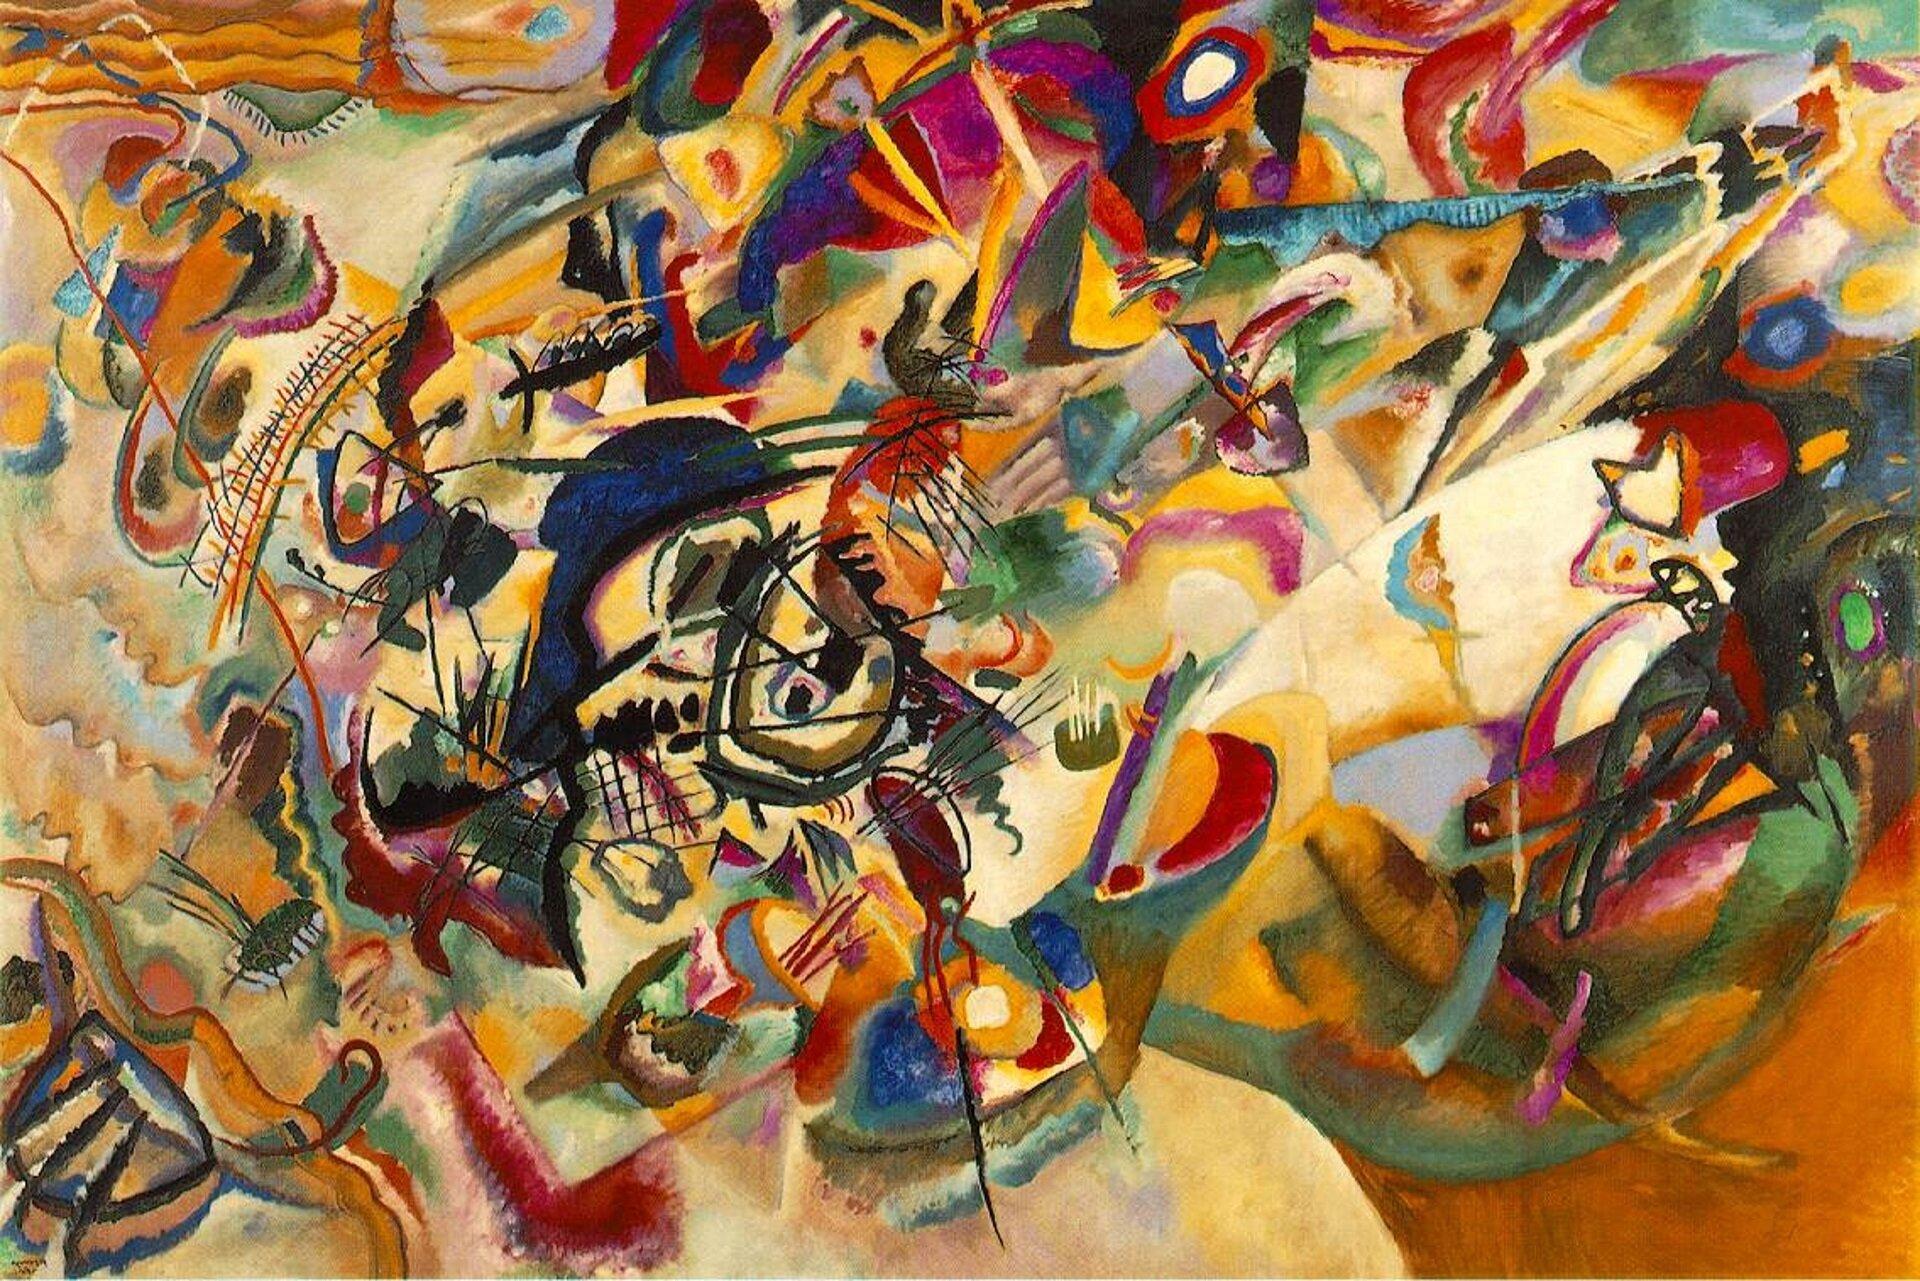 """Ilustracja przedstawia obraz Wassilya Kandinsky'ego pt. """"Kompozycja VII"""". Ukazuje ona kubistyczne dzieło. Kompozycja złożona jest znakładających się na siebie plam kolorów iniewielkiej ilości geometrycznych kształtów. Obraz epatuje wielością barw. Przyciąga kłębowisko czarnych linii ifioletowych plam, znajdujące się nieco na lewo od centrum obrazu. Tworzy ono """"punkt ciężkości"""" kompozycji, kształty na prawo od niej są mniej wyraźne, zaś barwy nieco cieplejsze."""